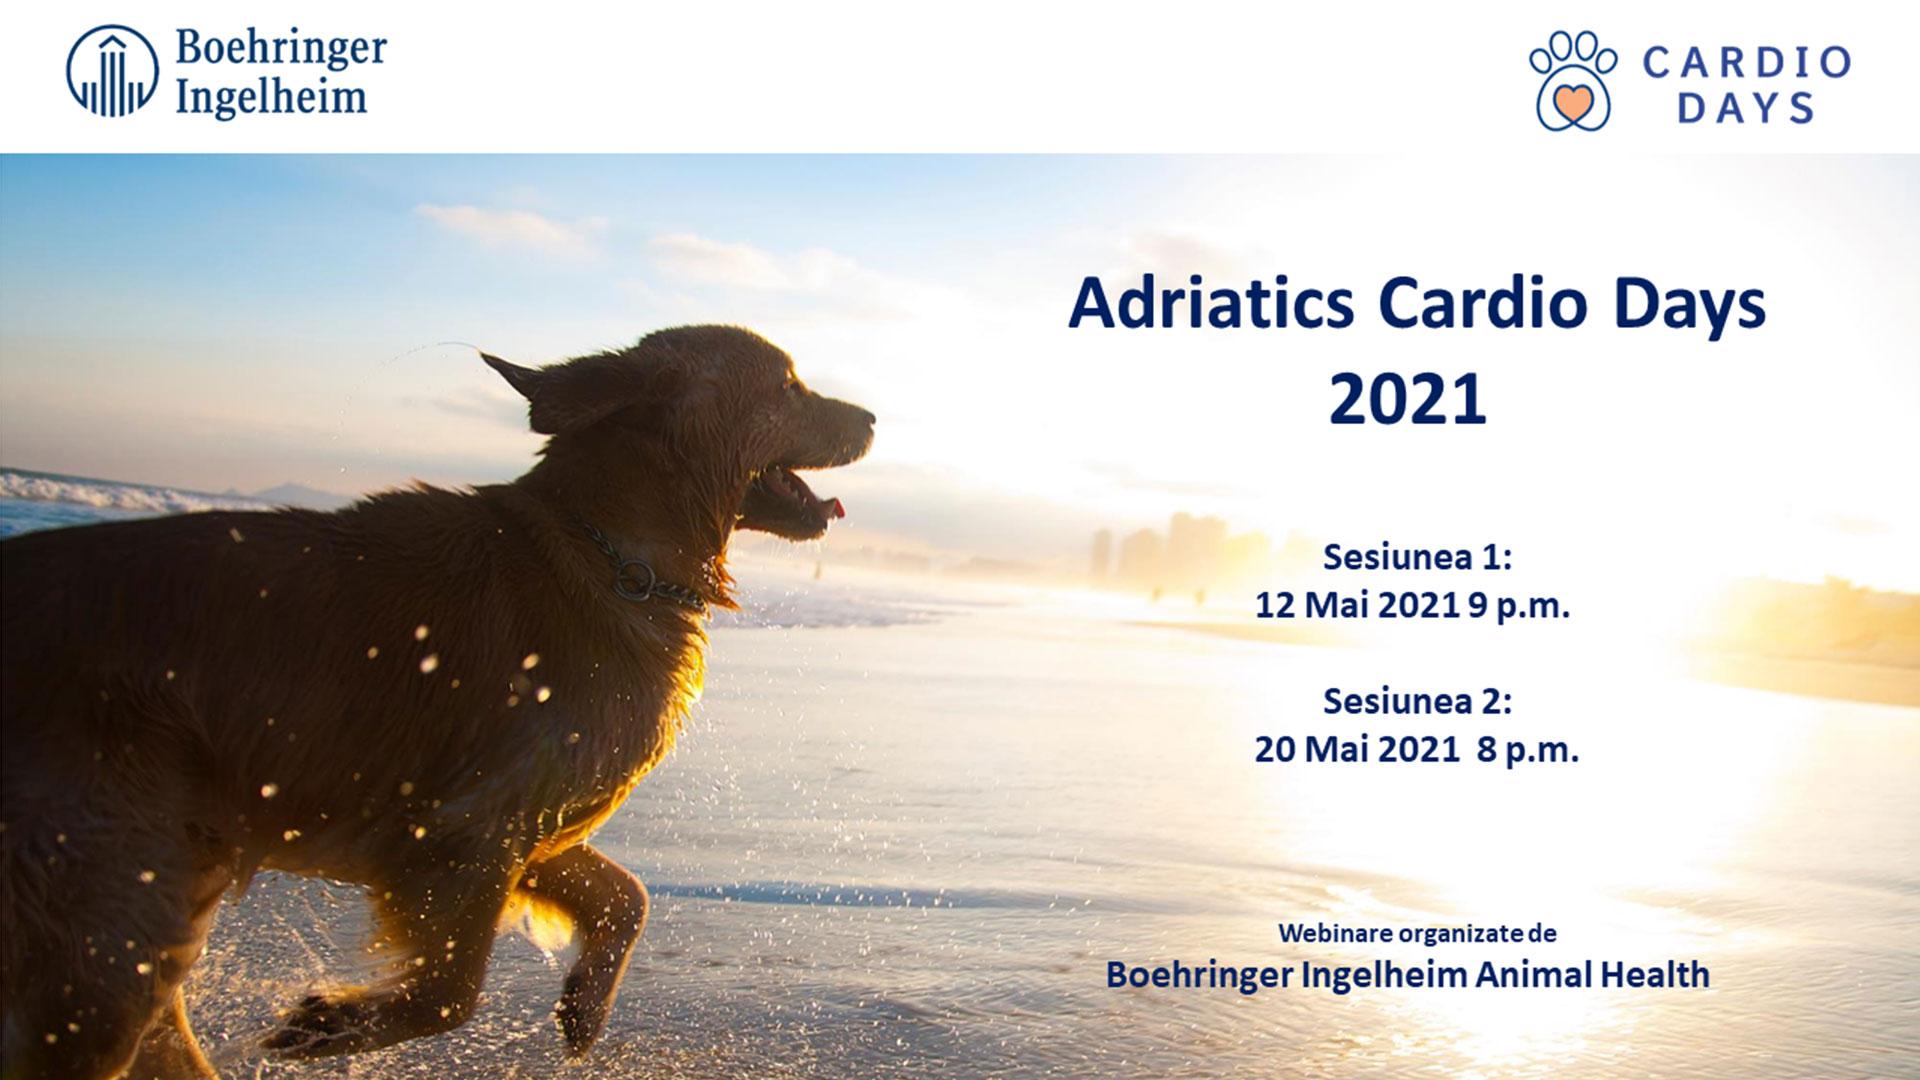 AdriaticsCardio Days 2021